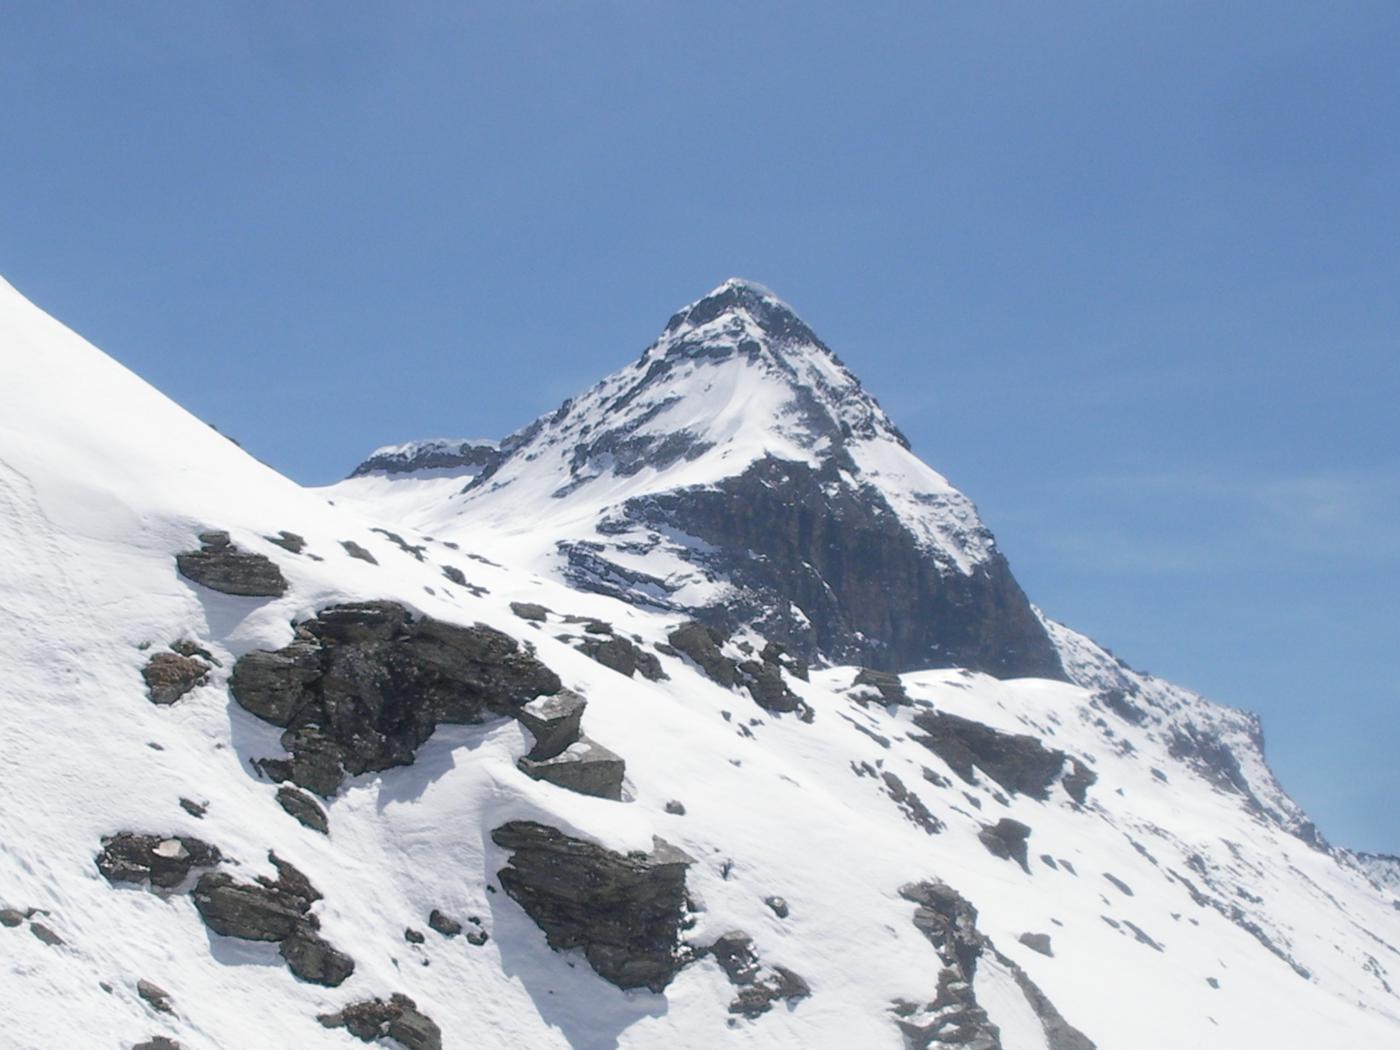 ancora un immagine zoommata del Pizzo Scalino dai pressi del Passo di Campagneda..